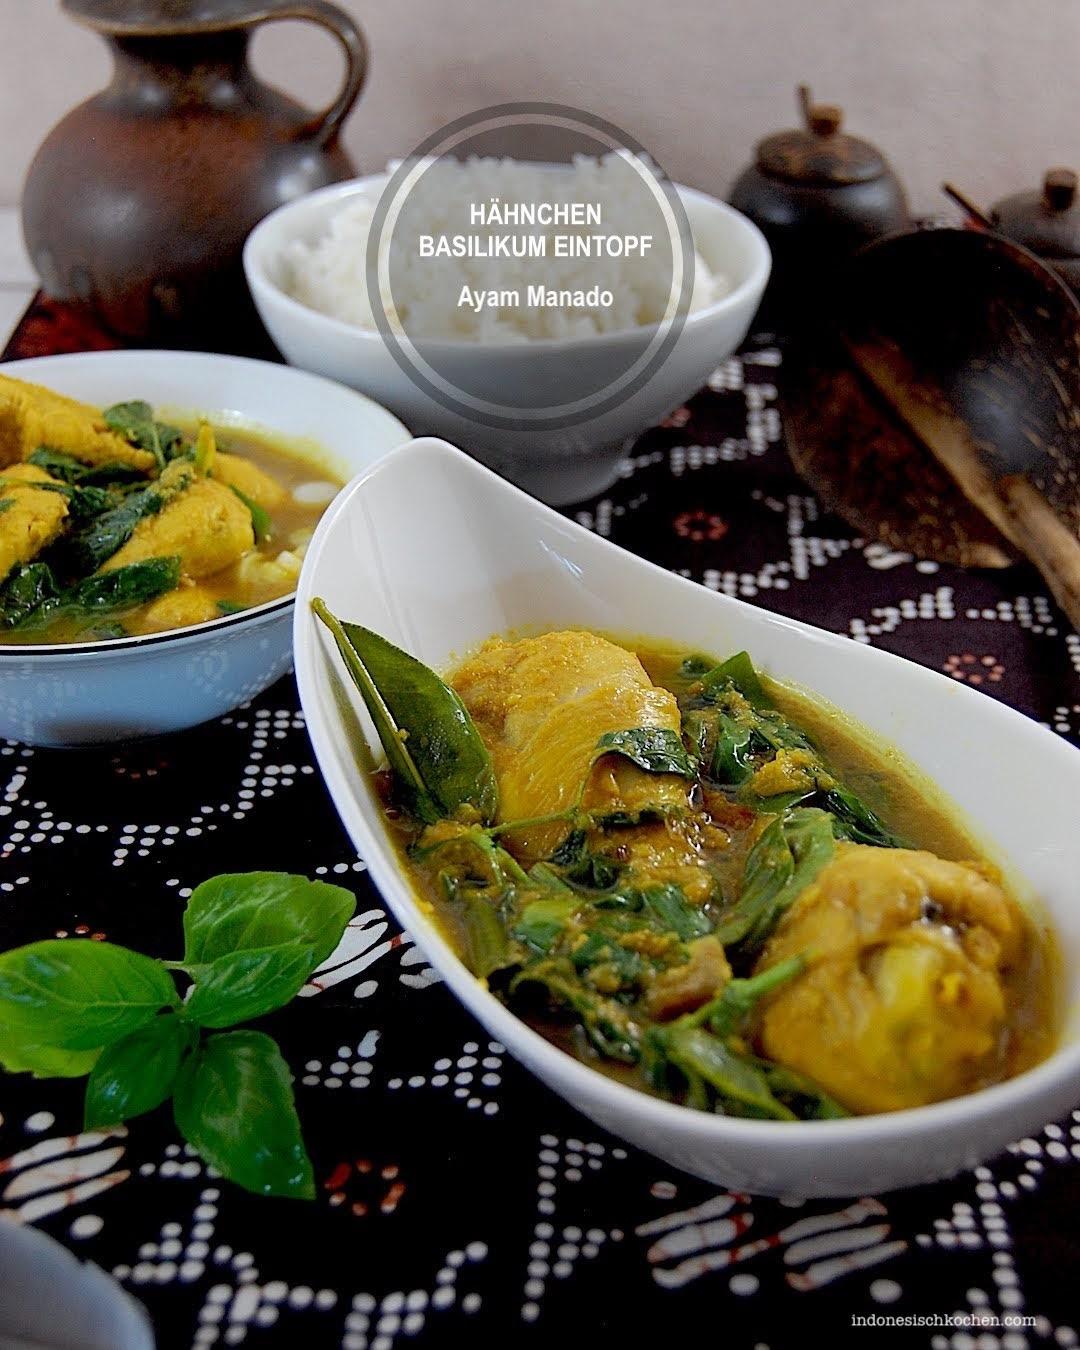 Ayam Manado, Hähnchen Basilikum Eintopf indonesisch kochen